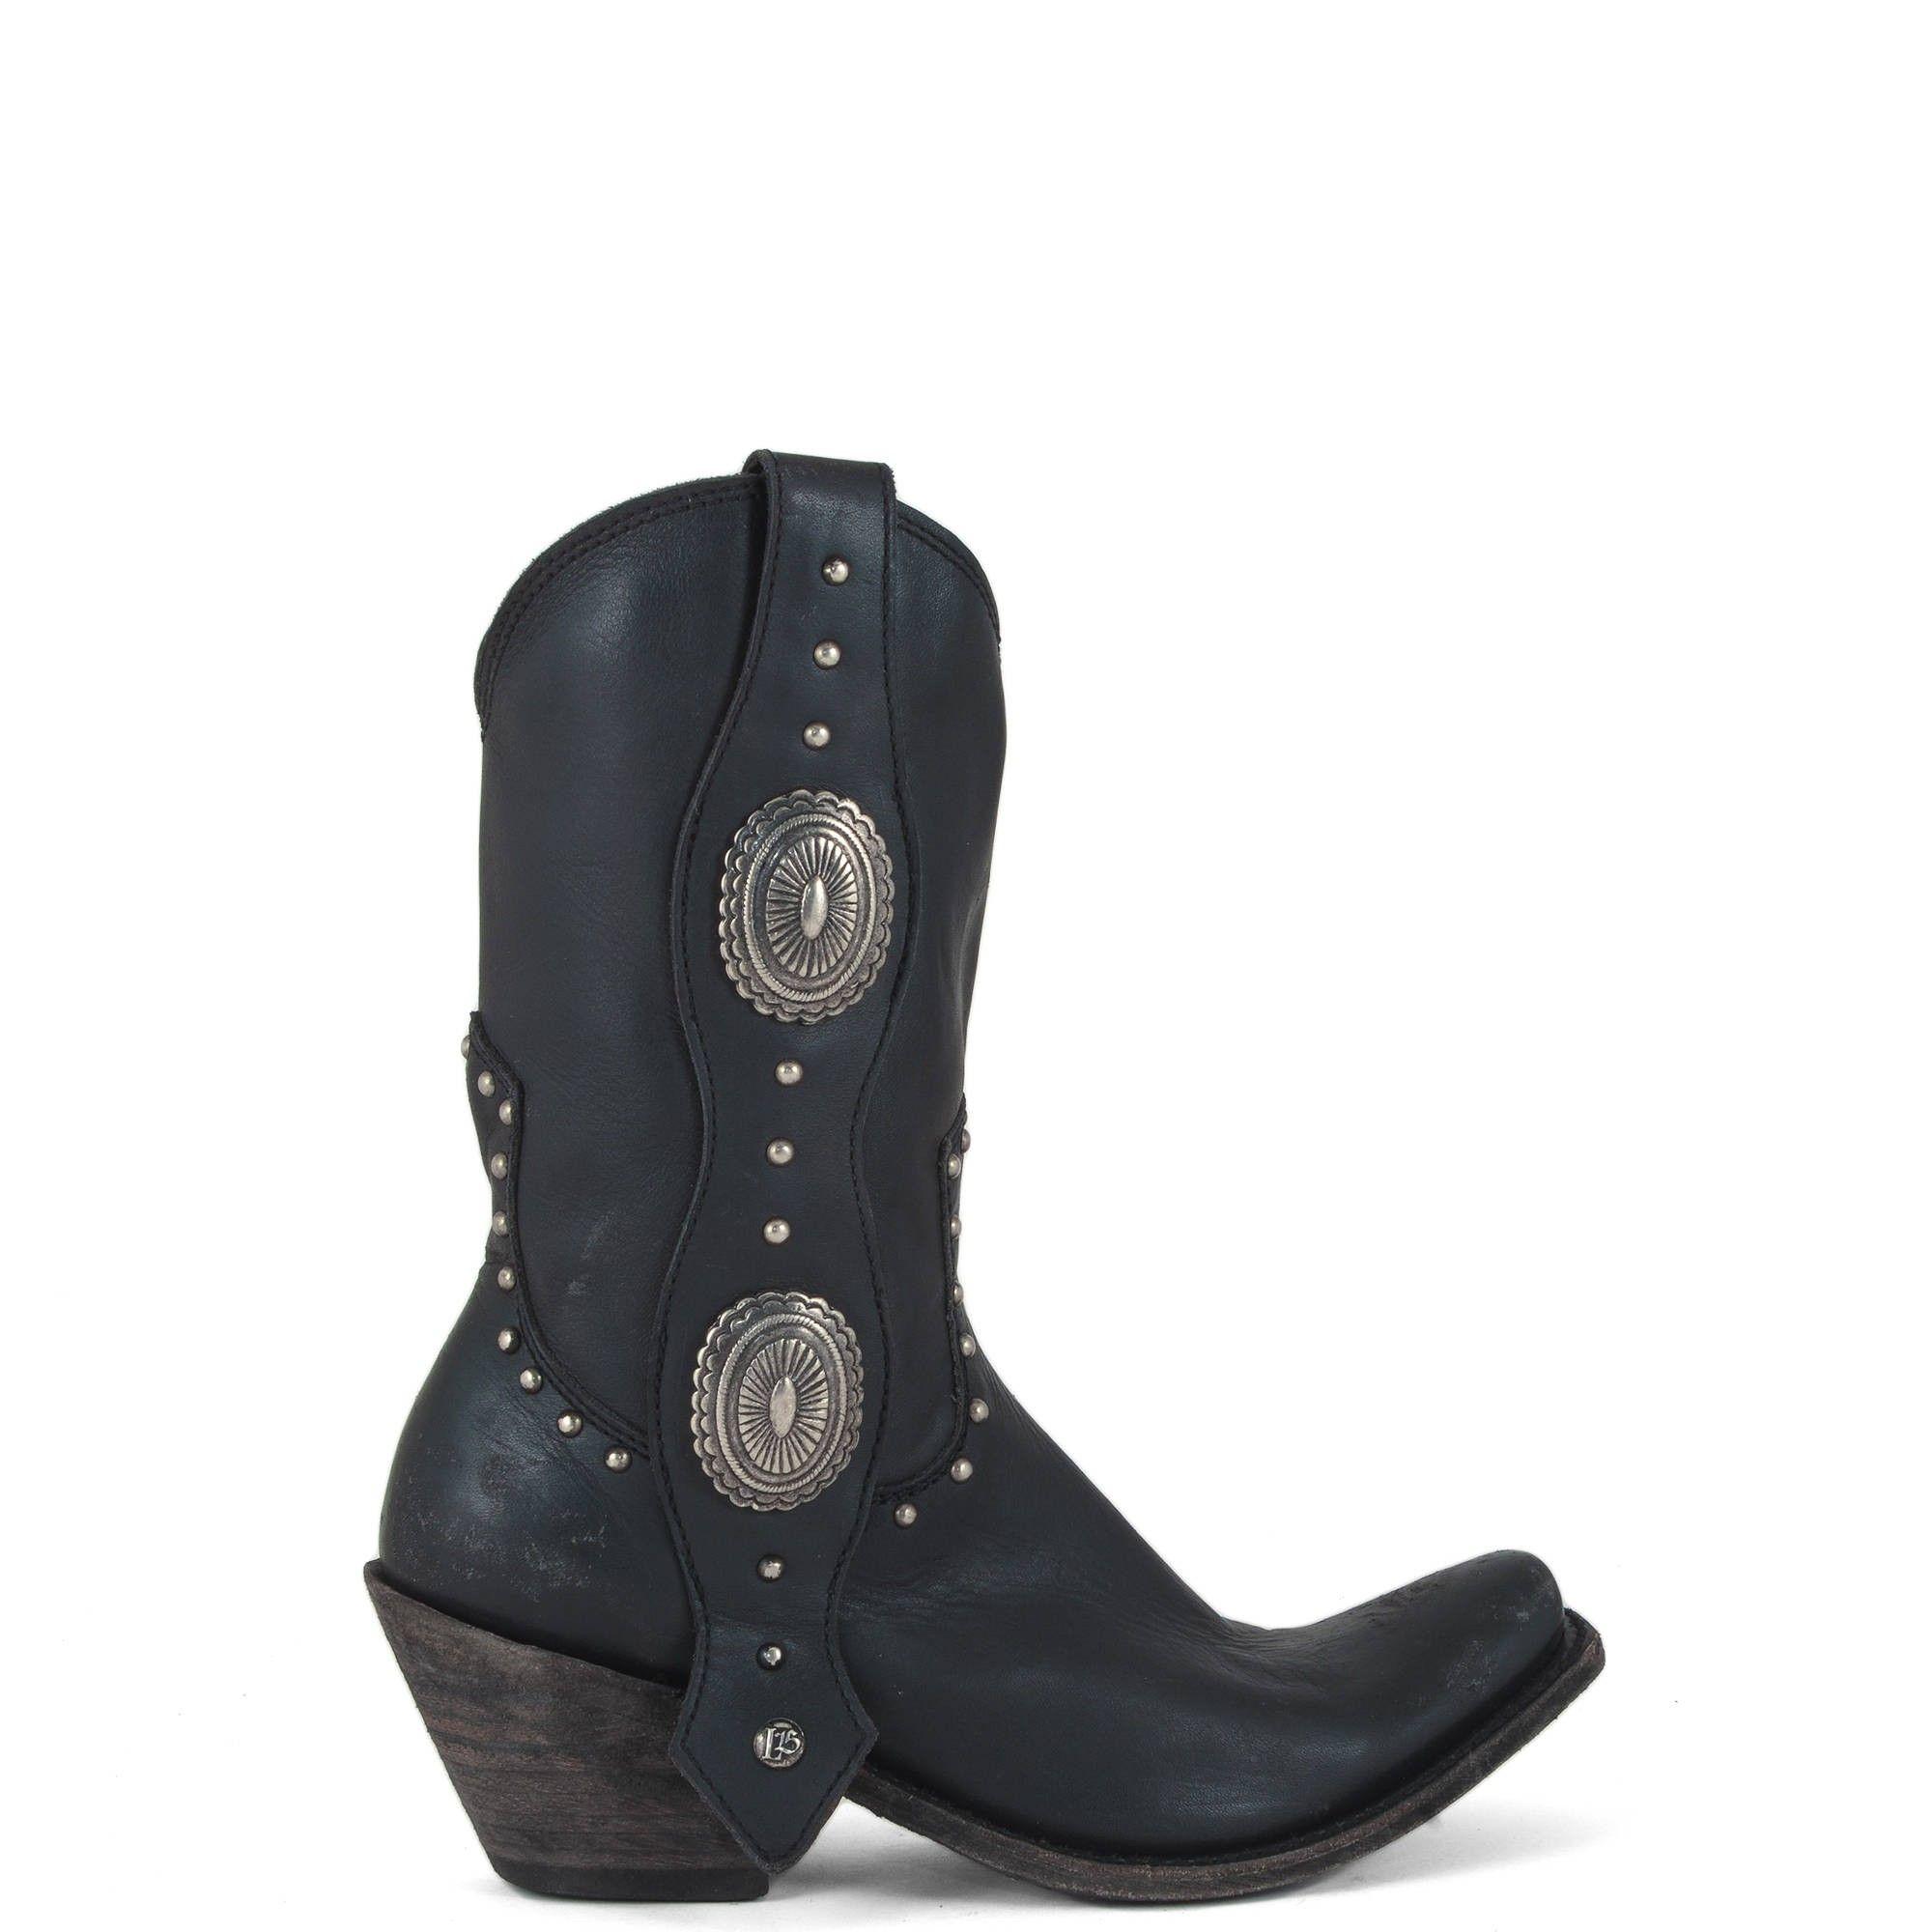 Allens Boots Women S Liberty Black Boots Delano Negro Lb